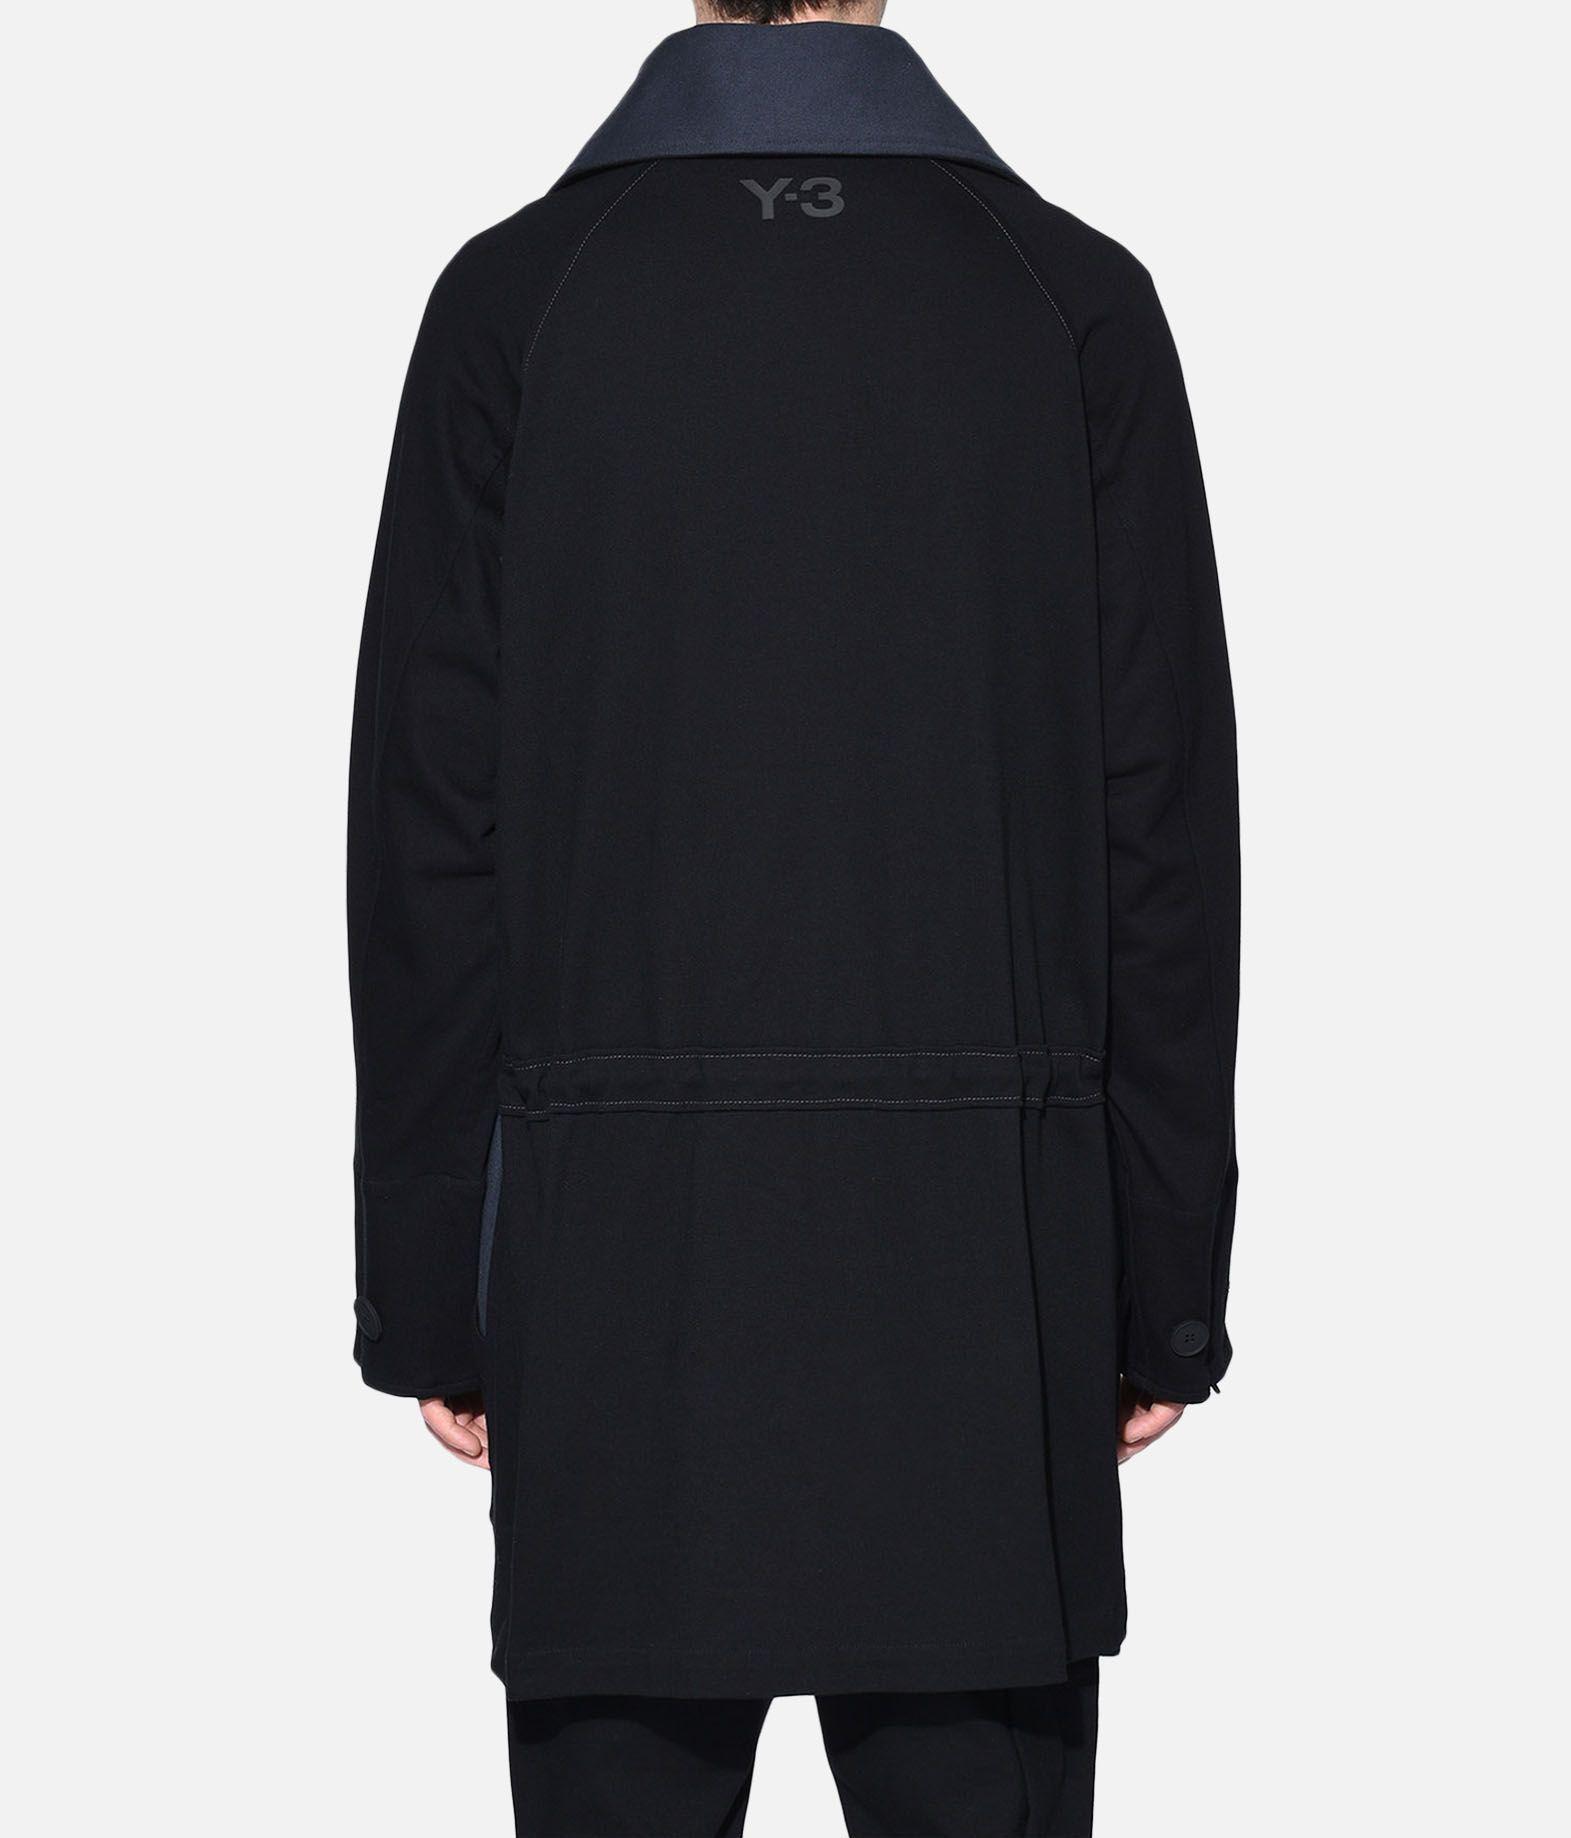 Y-3 Y-3 Long Utility Sweater スウェットブルゾン メンズ d